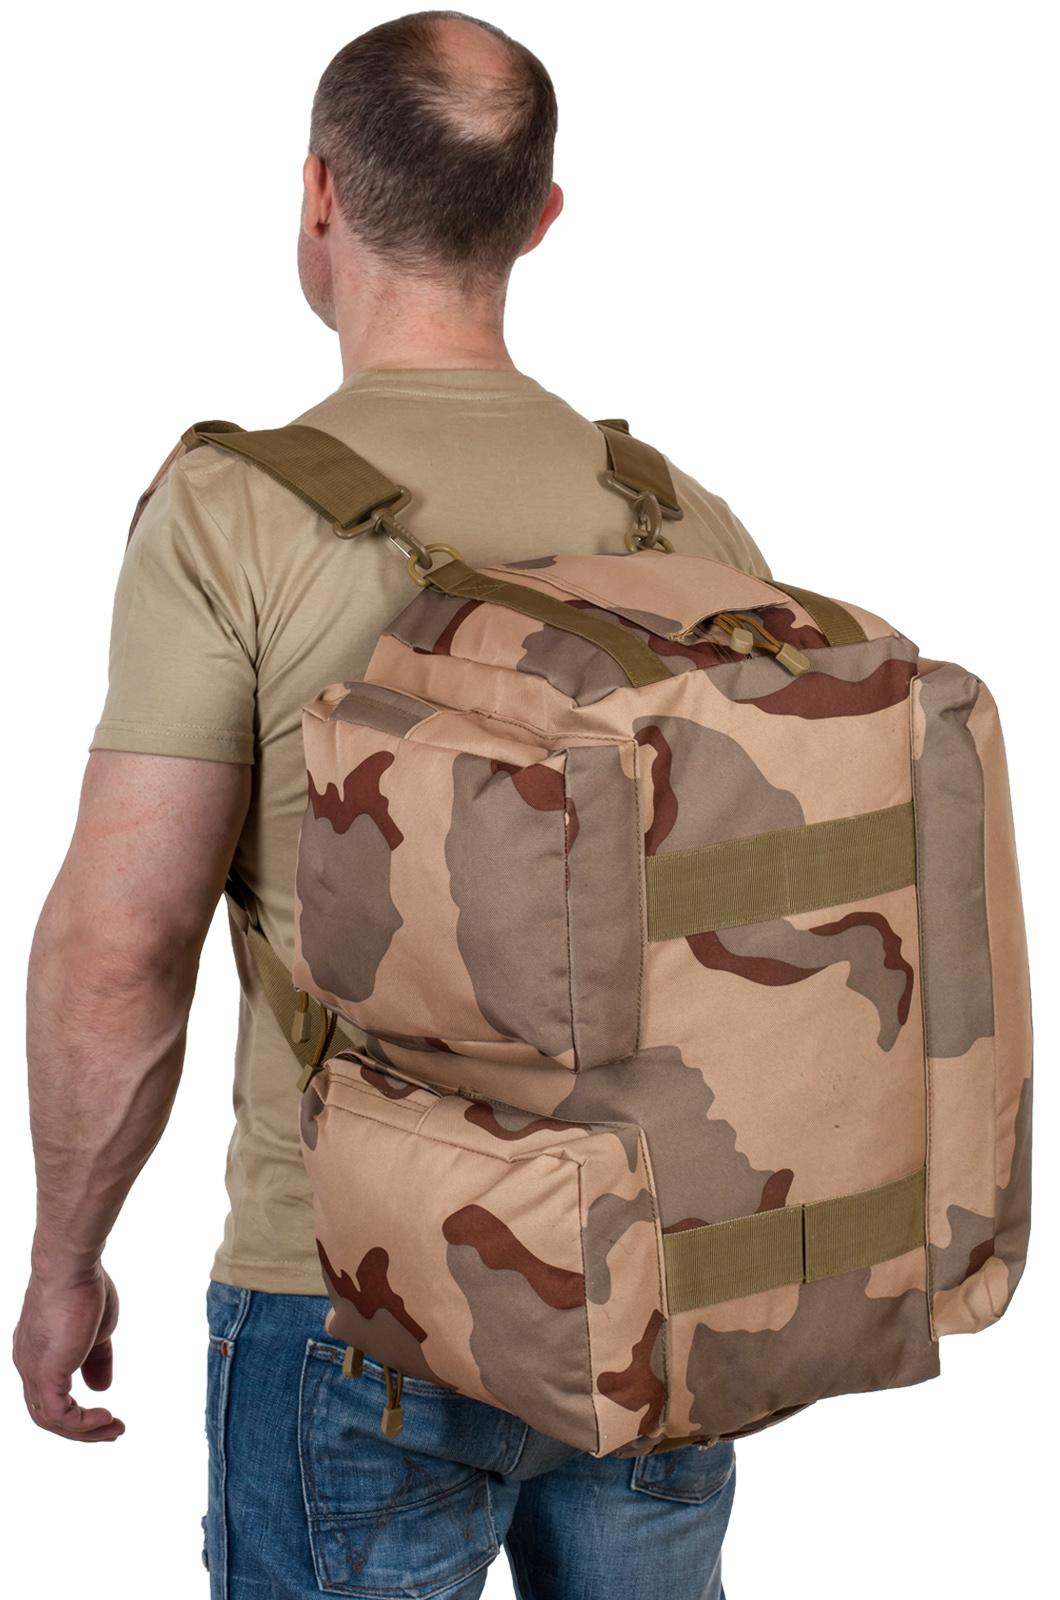 Дорожная камуфляжная сумка Ни пуха, Ни пера - купить оптом